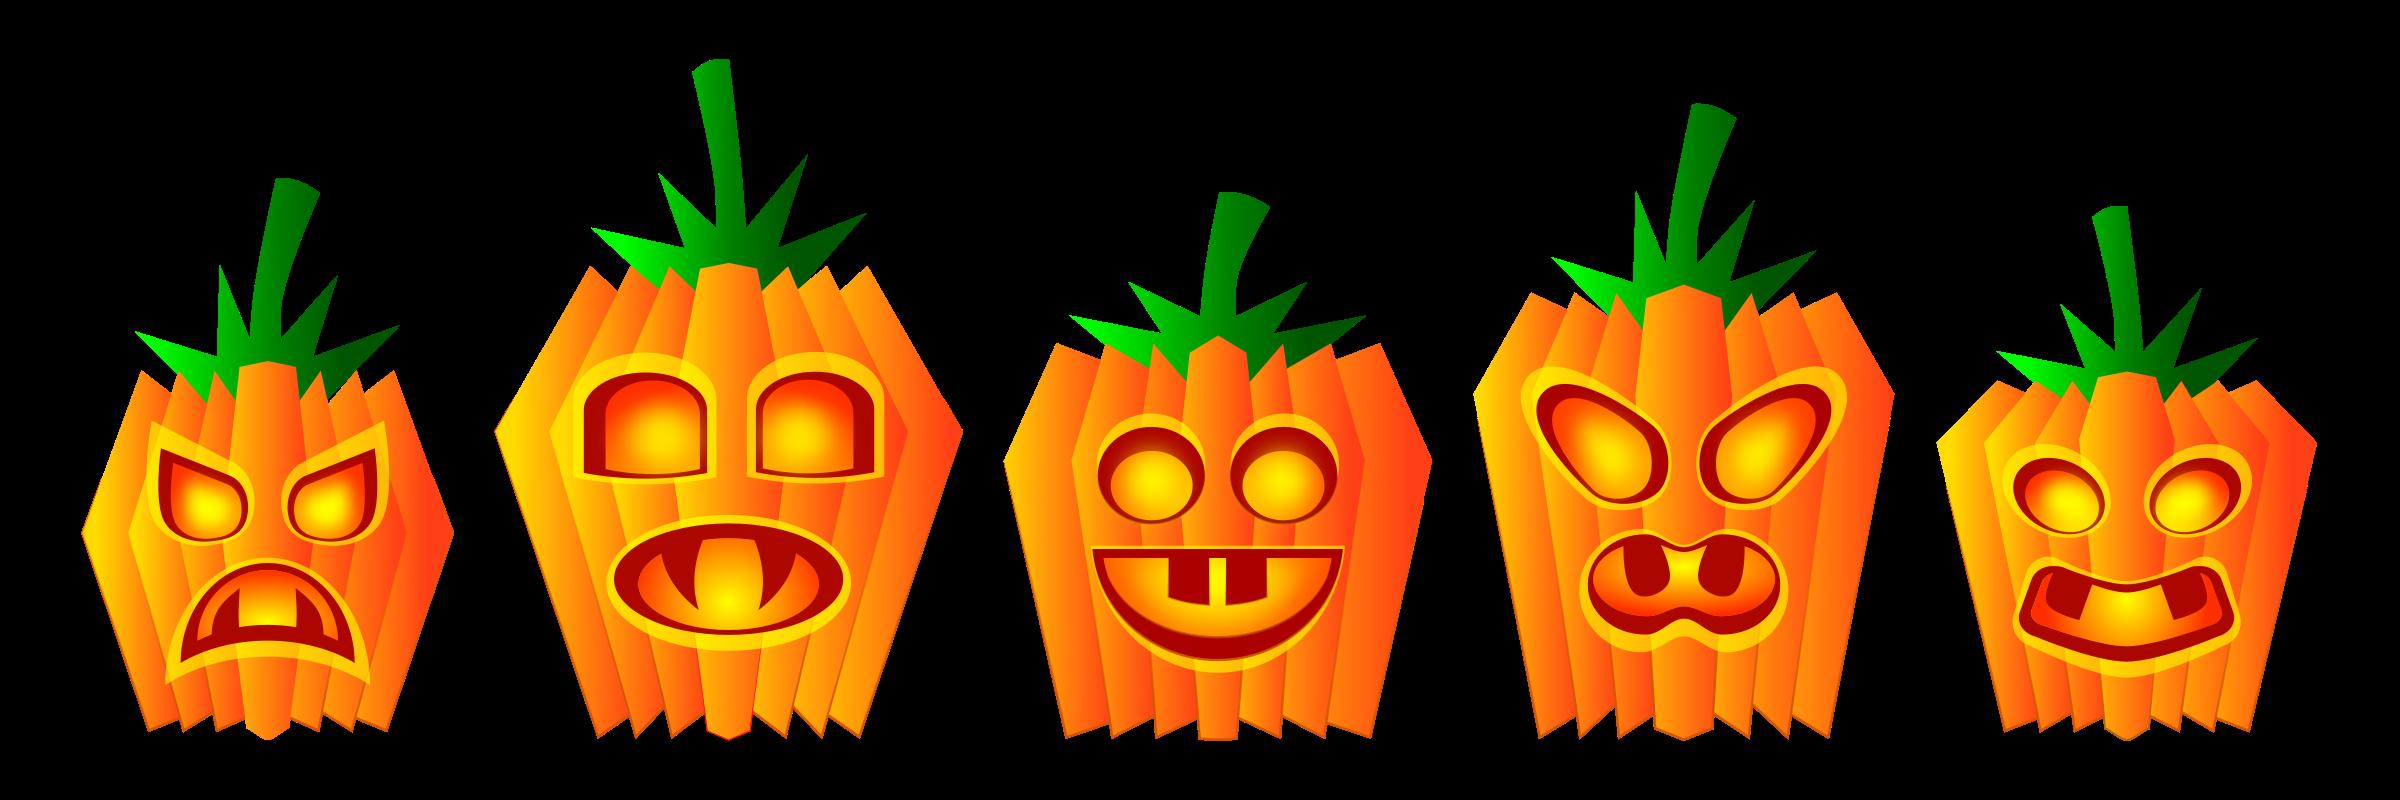 Pumpkins big image png. Festival clipart halloween